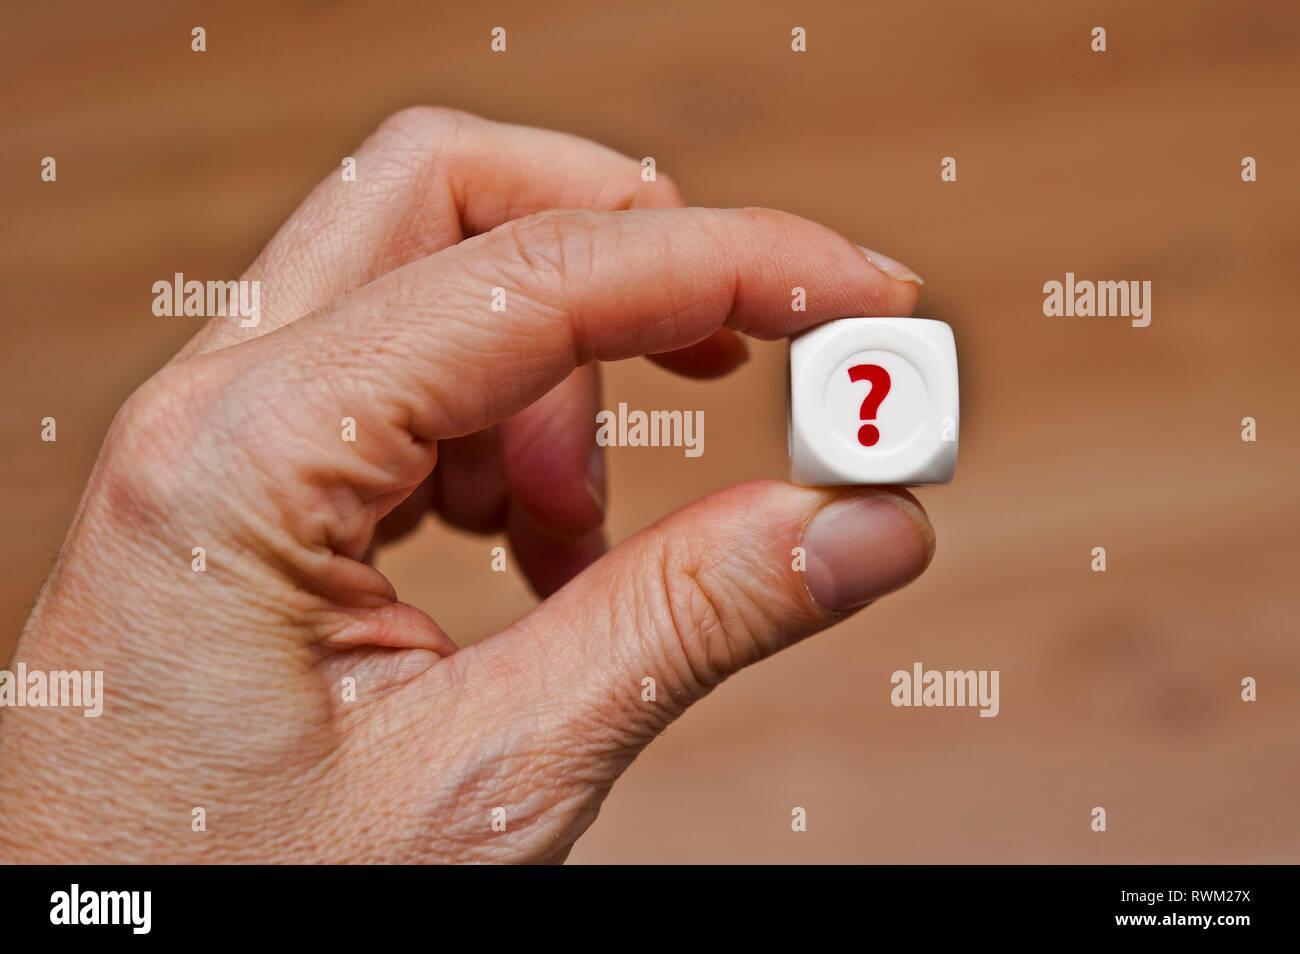 Mano sujetando un morir con signo de interrogación Imagen De Stock